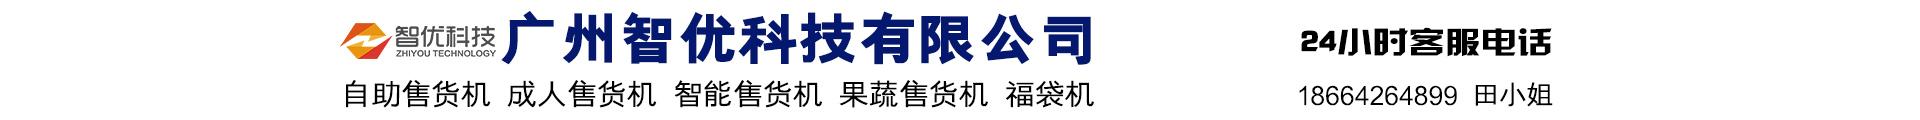 廣州智優科技有限公司